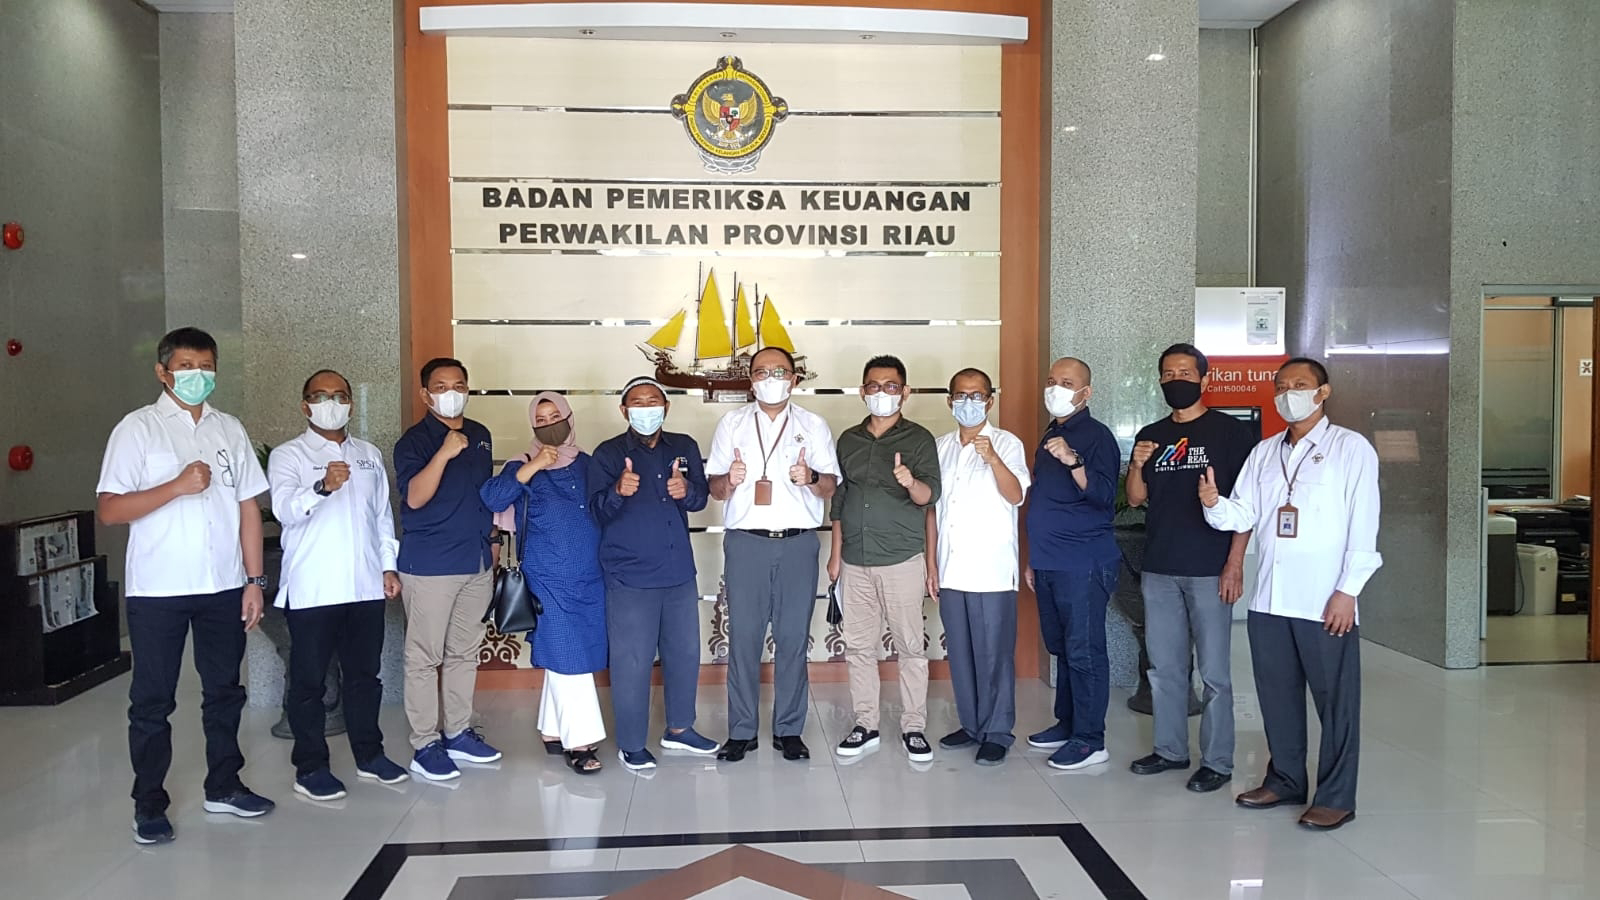 Dikunjungi 3 APP, BPK Perwakilan Provinsi Riau Sebut Pergubri Bisa jadi Kriteria Audit Anggaran Publikasi